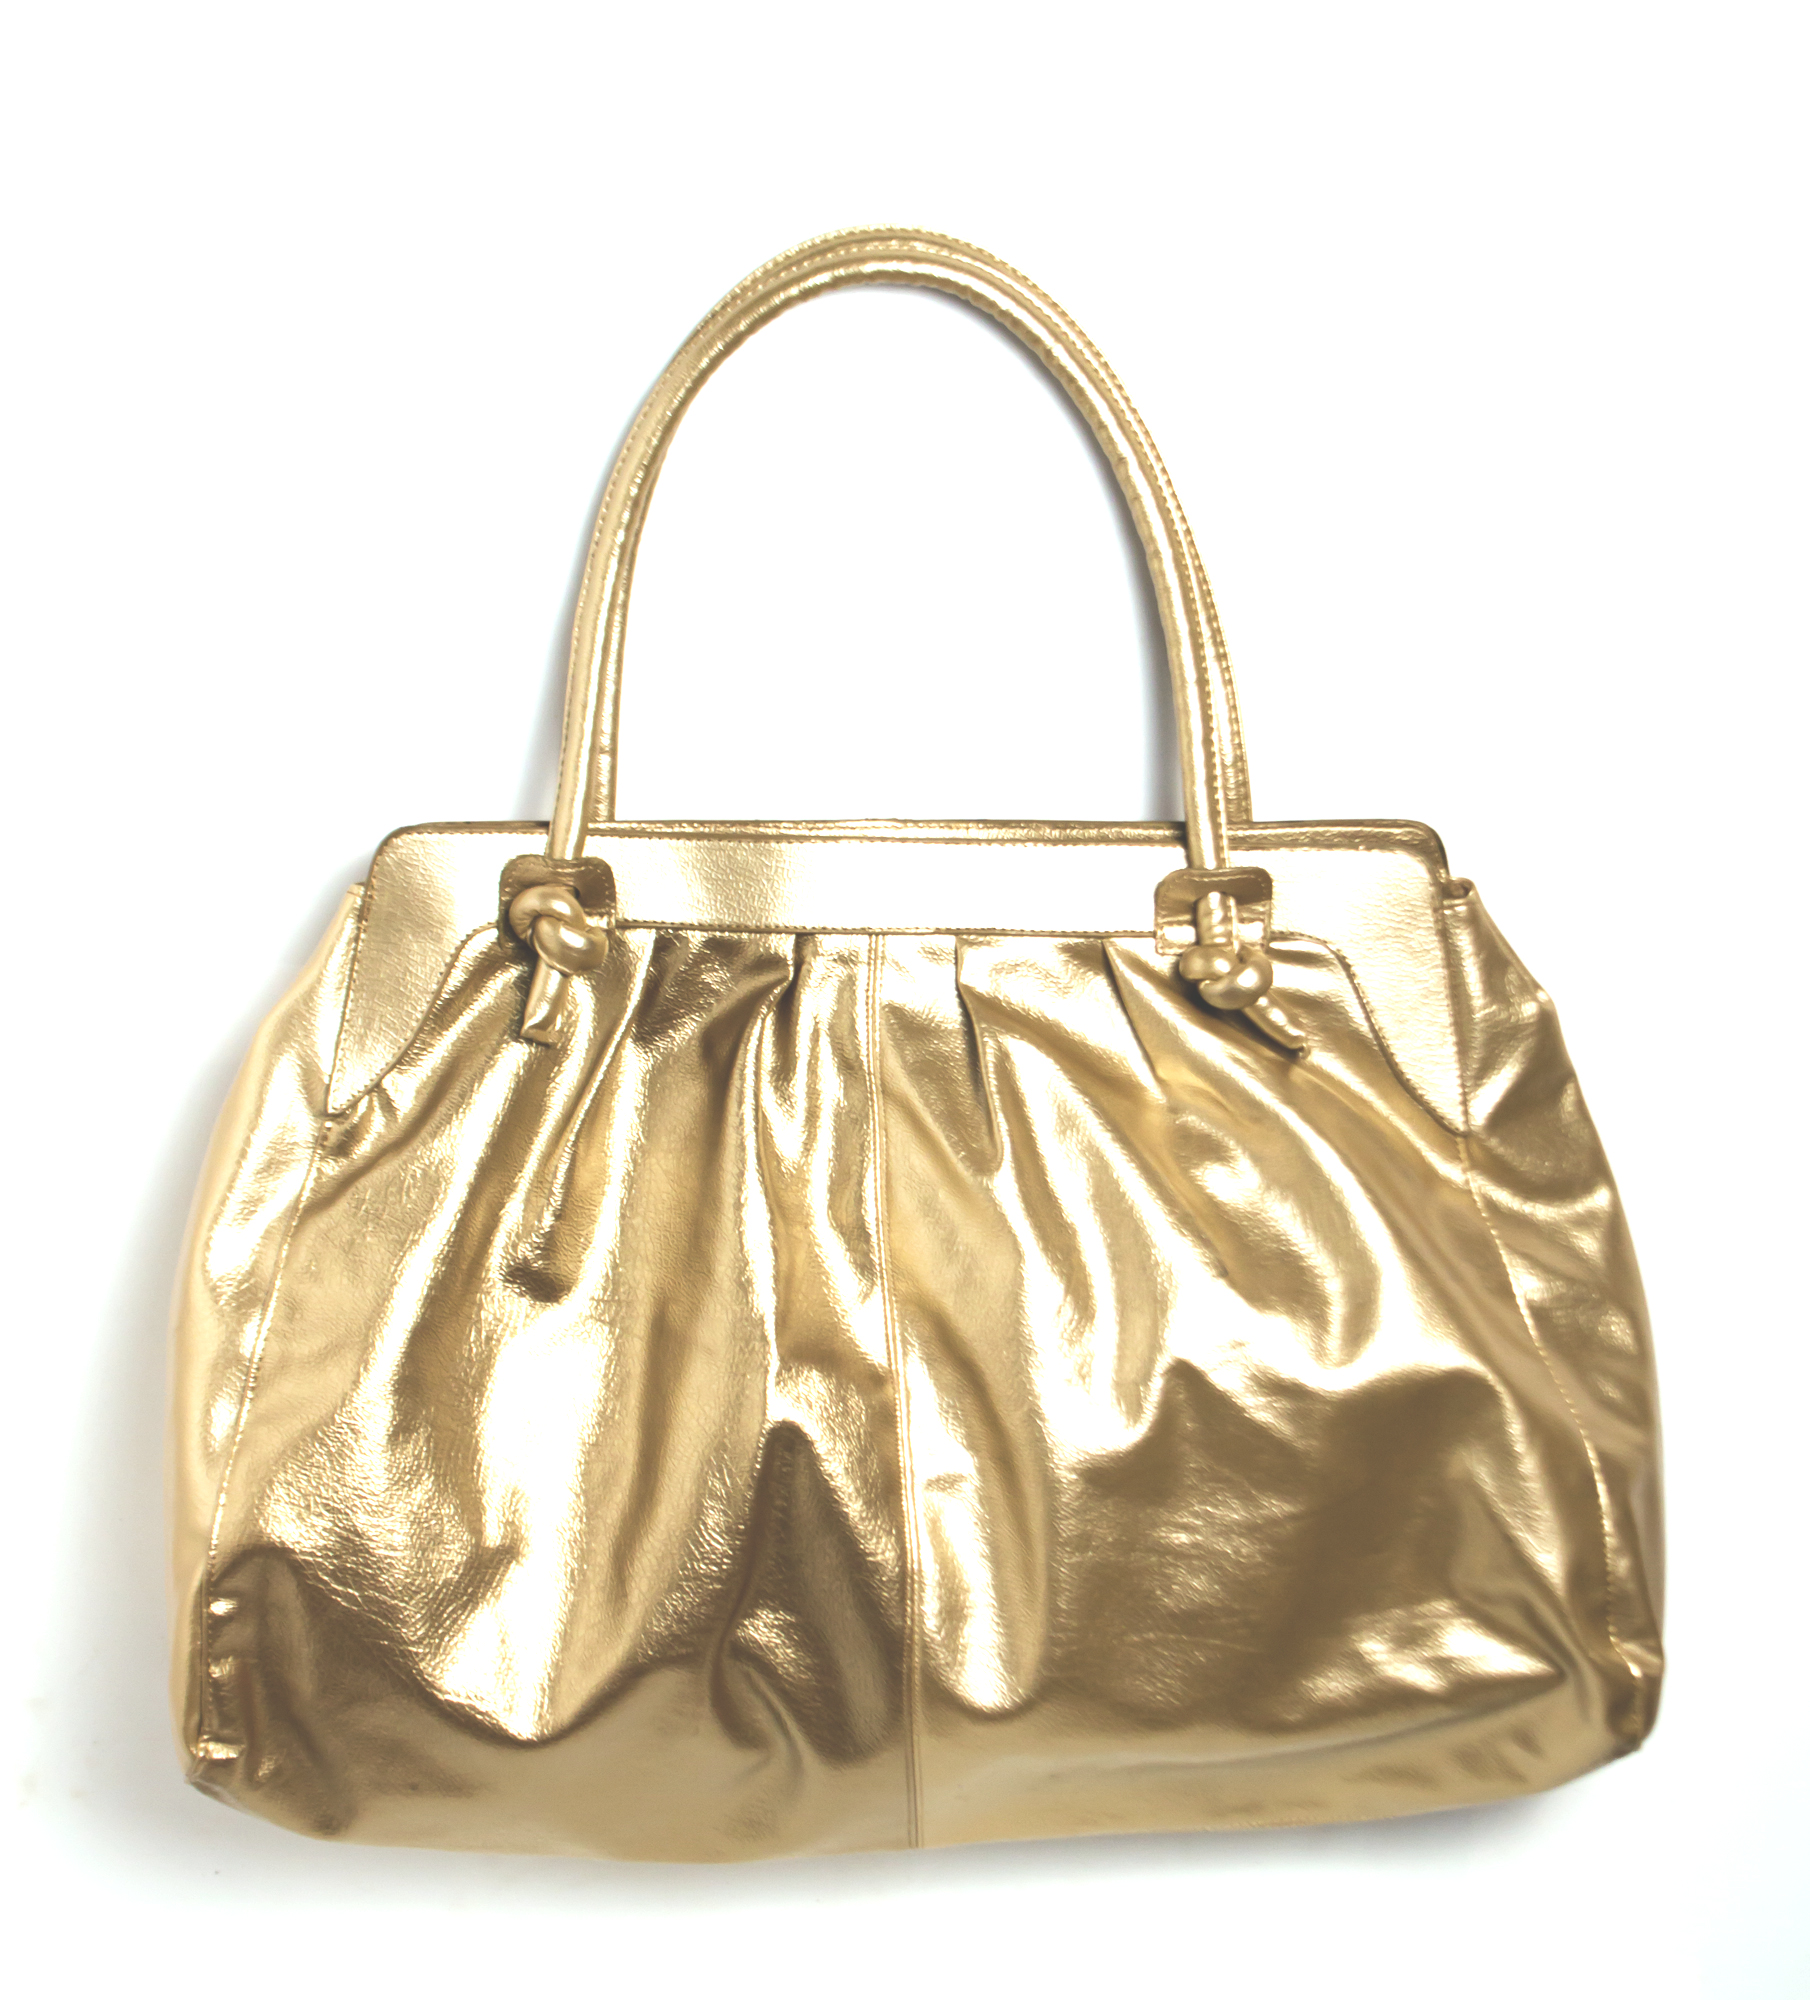 Bolsa Dourada Com Franja : Bolsa dourada grande surreali elo